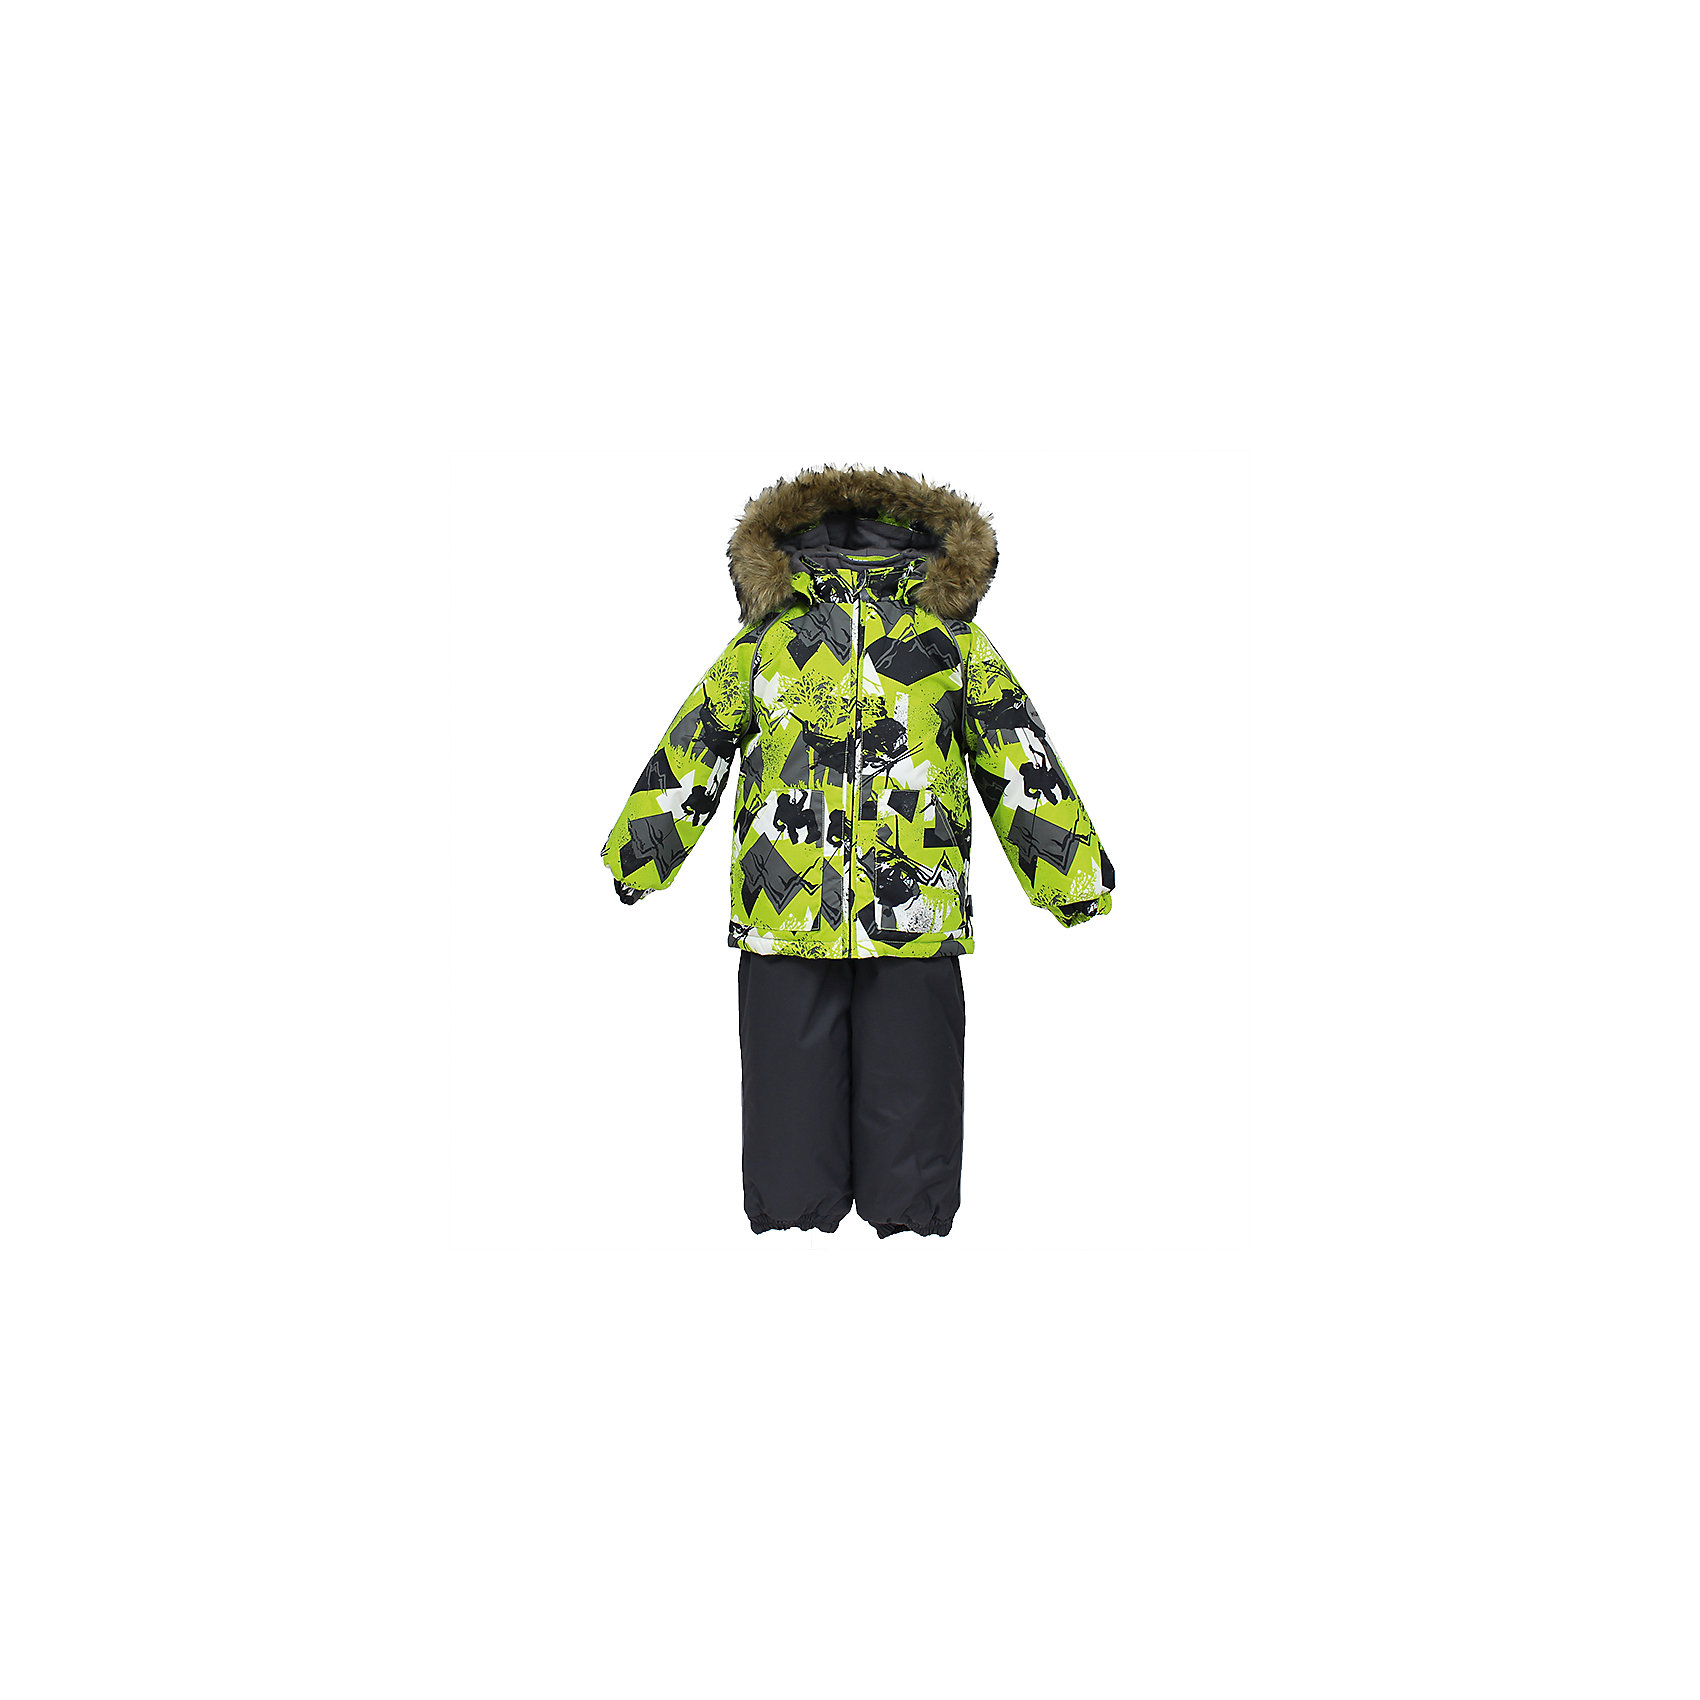 Комплект: куртка и брюки AVERY HuppaКомплекты<br>Комплект для малышей  AVERY.Водо и воздухонепроницаемость 10 000 . Утеплитель 300 гр куртка/160 гр брюки. Подкладка фланель 100% хлопок.Отстегивающийся капюшон с мехом.Манжеты рукавов на резинке. Манжеты брюк на резинке.Добавлены петли для ступней.Резиновые подтяжки.Имеются светоотражательные элементы.<br>Состав:<br>100% Полиэстер<br><br>Ширина мм: 356<br>Глубина мм: 10<br>Высота мм: 245<br>Вес г: 519<br>Цвет: зеленый<br>Возраст от месяцев: 36<br>Возраст до месяцев: 48<br>Пол: Унисекс<br>Возраст: Детский<br>Размер: 104,80,86,92,98<br>SKU: 7026994